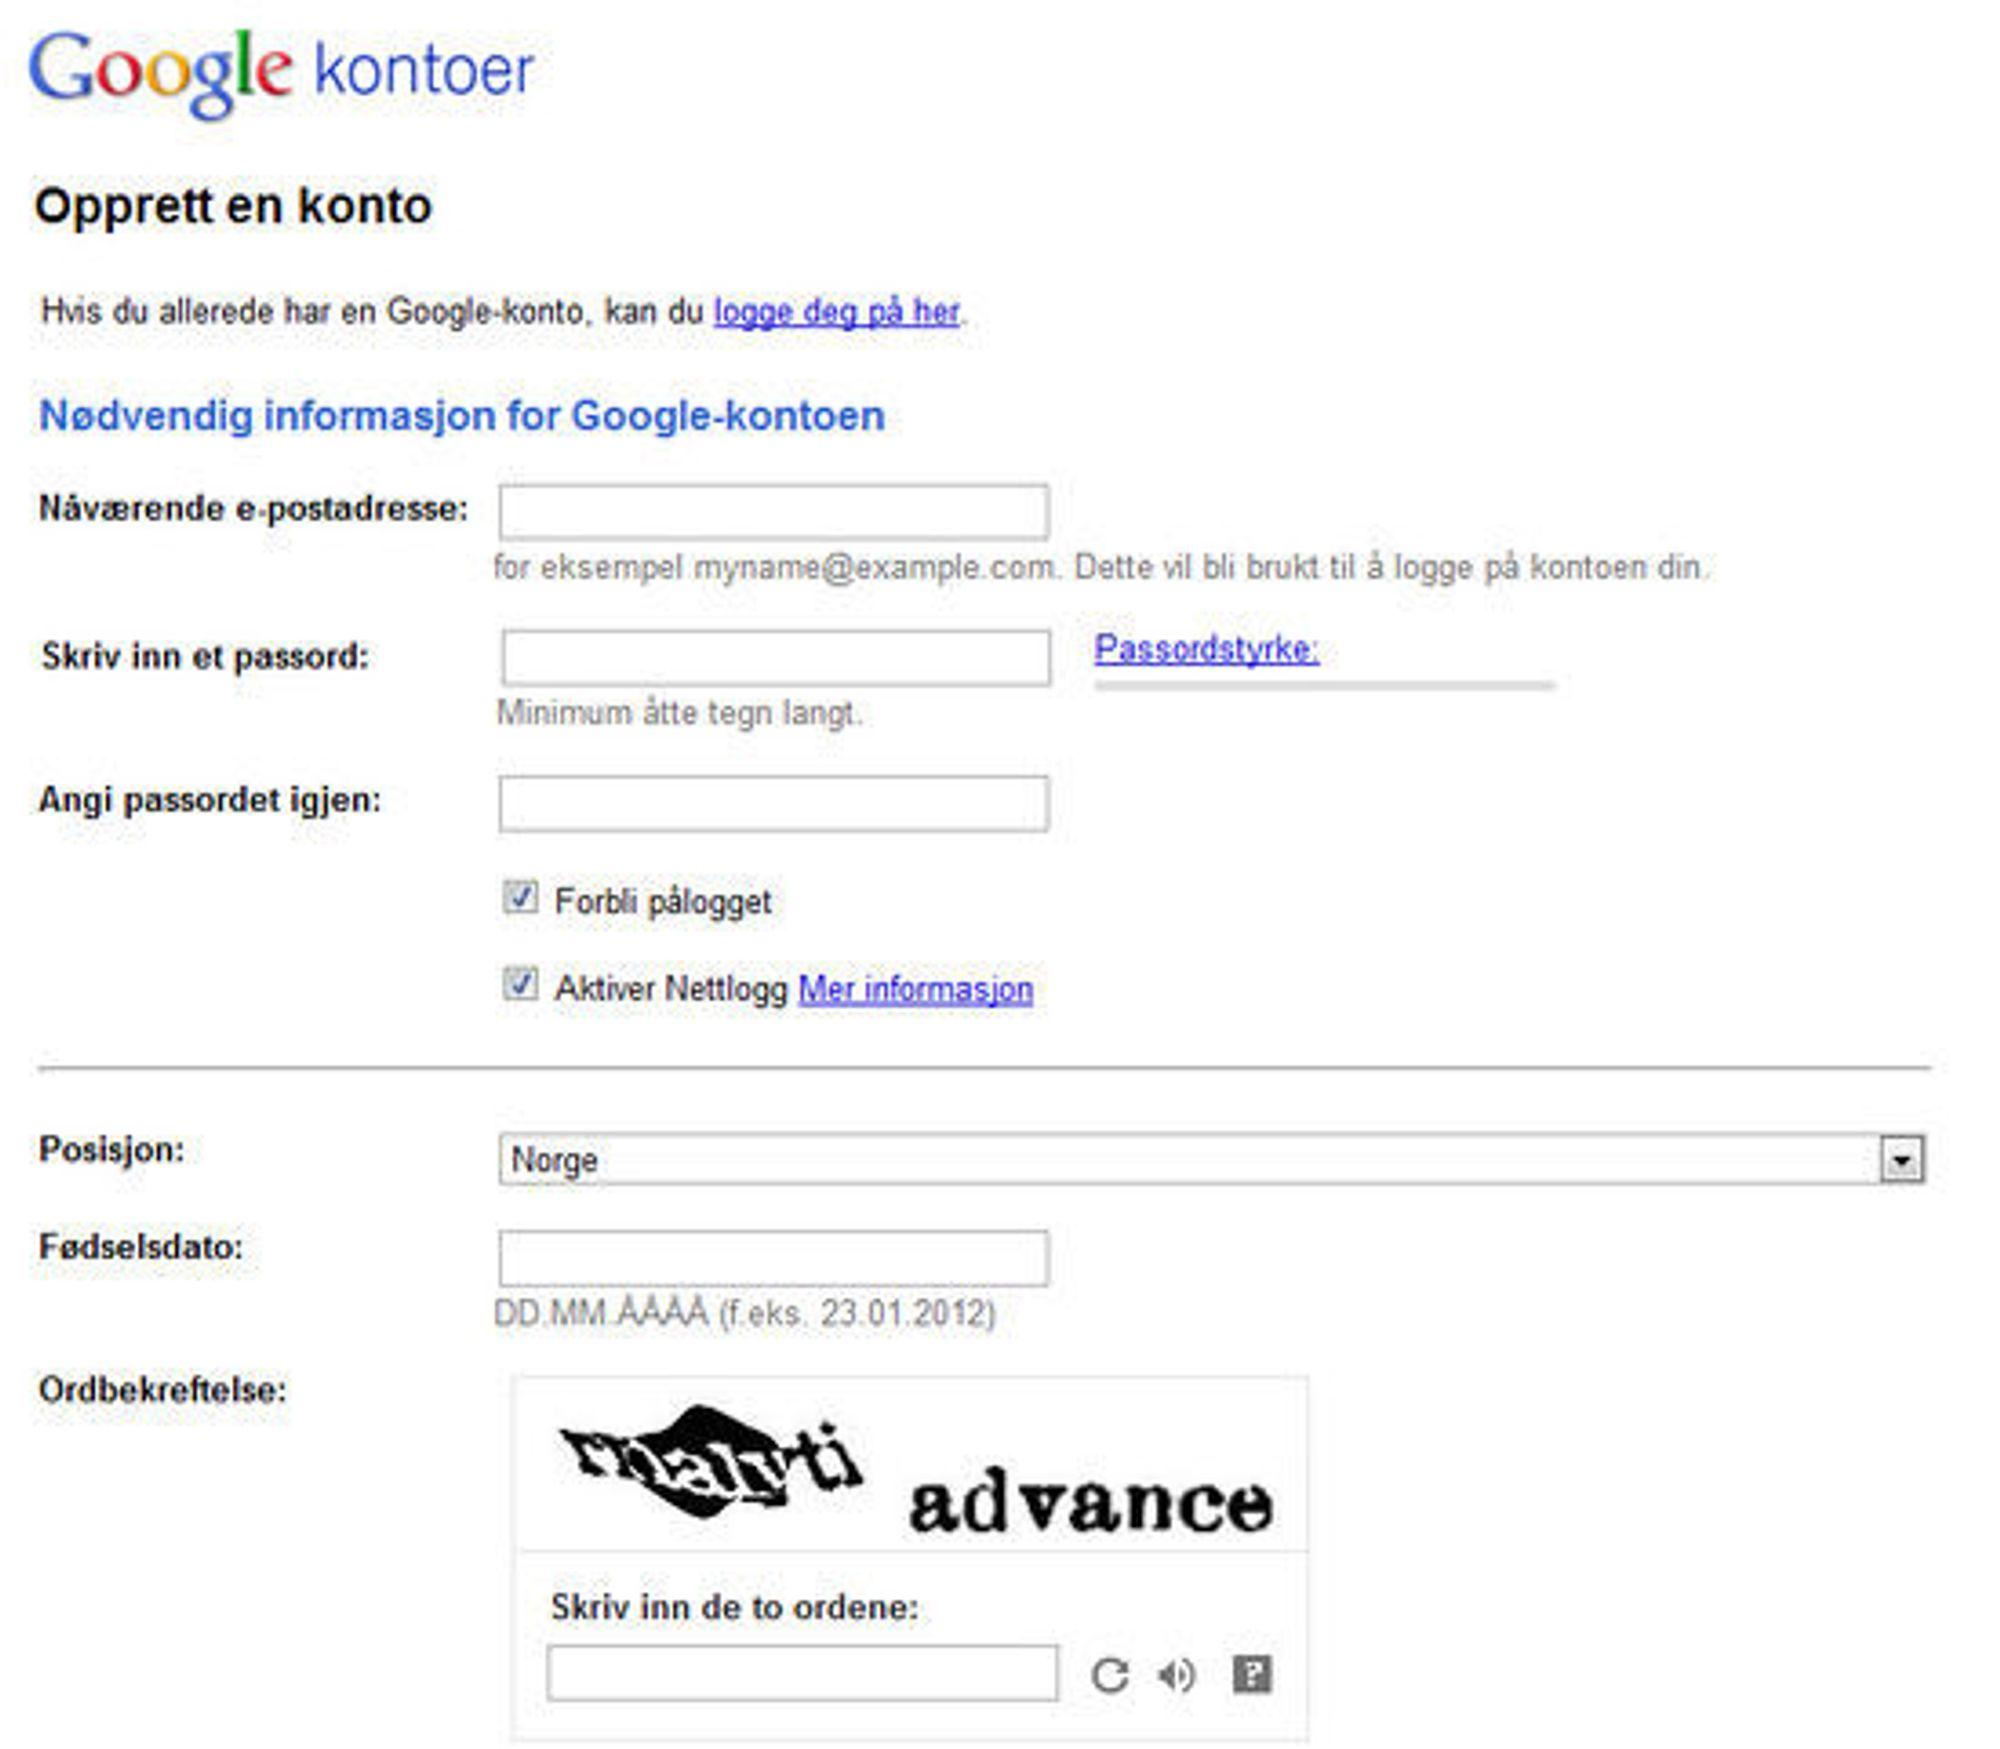 Det opprinnelige skjemaet for registrering av Google-konto